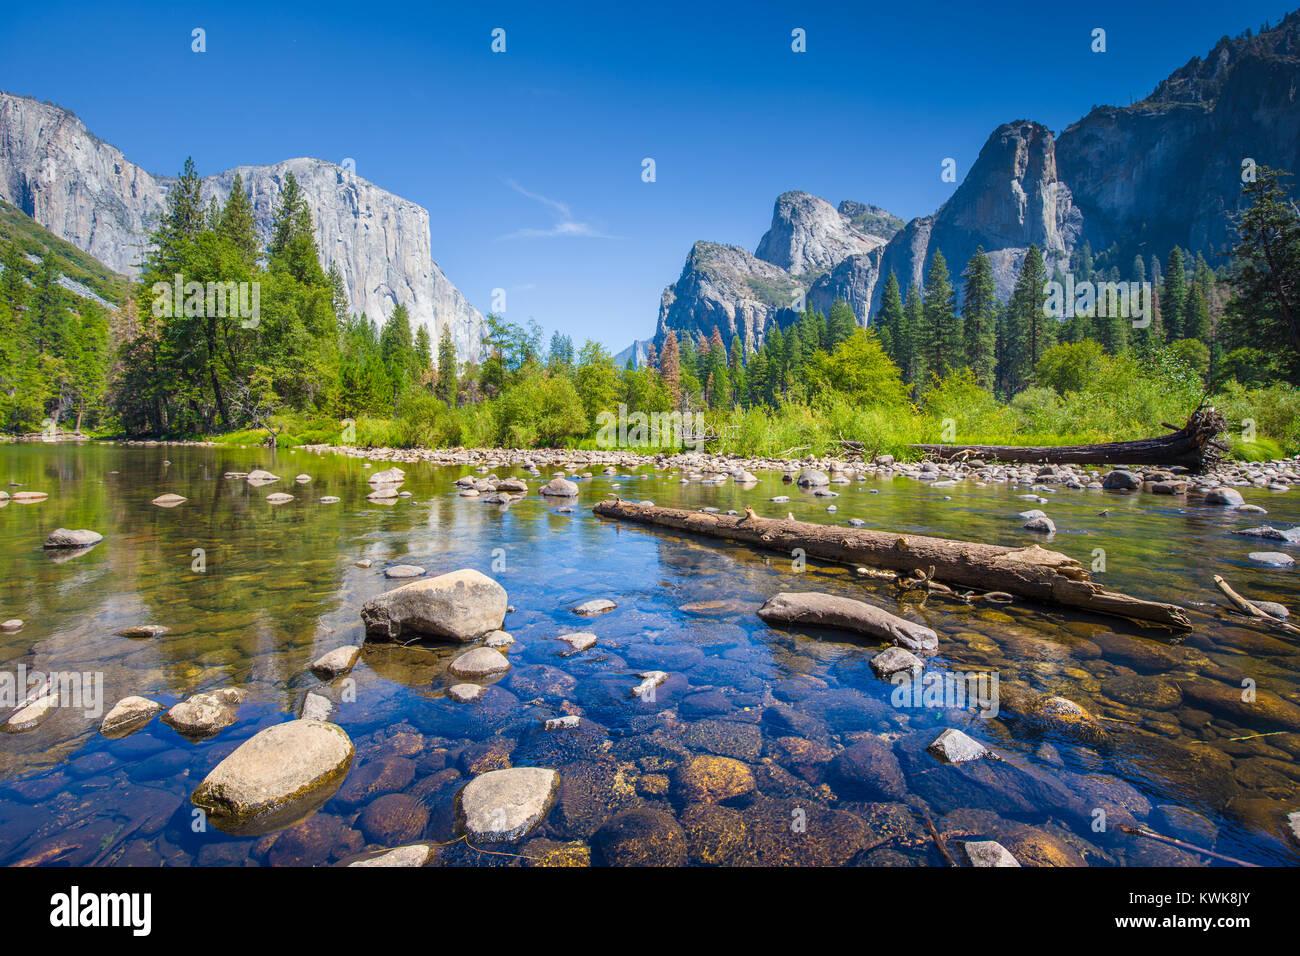 L'affichage classique de la vallée de Yosemite avec El Capitan célèbre sommet mondial de l'escalade Photo Stock